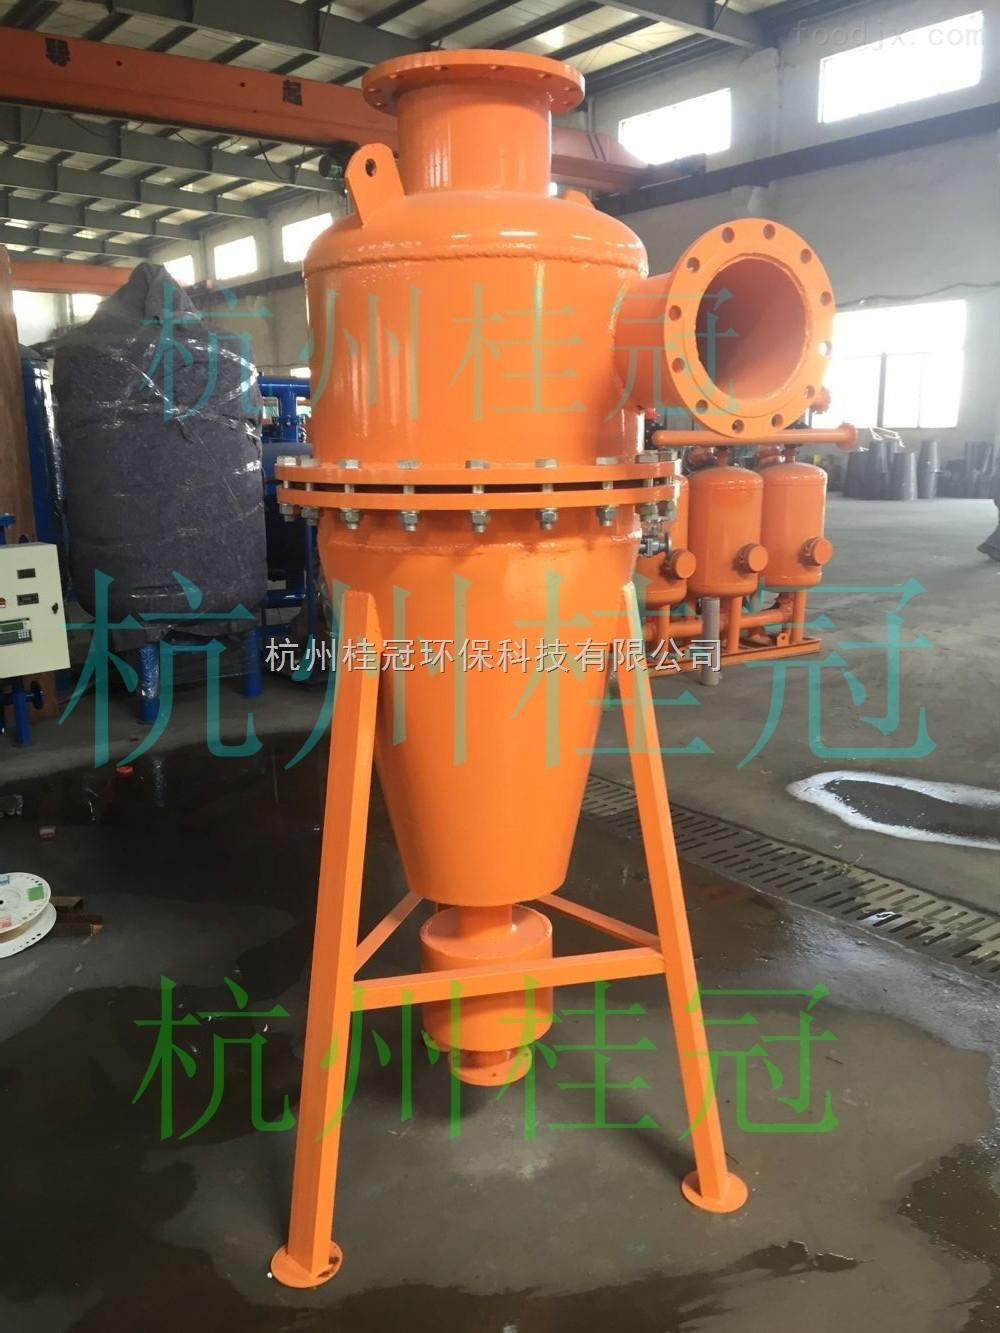 灌溉旋流除砂器原理